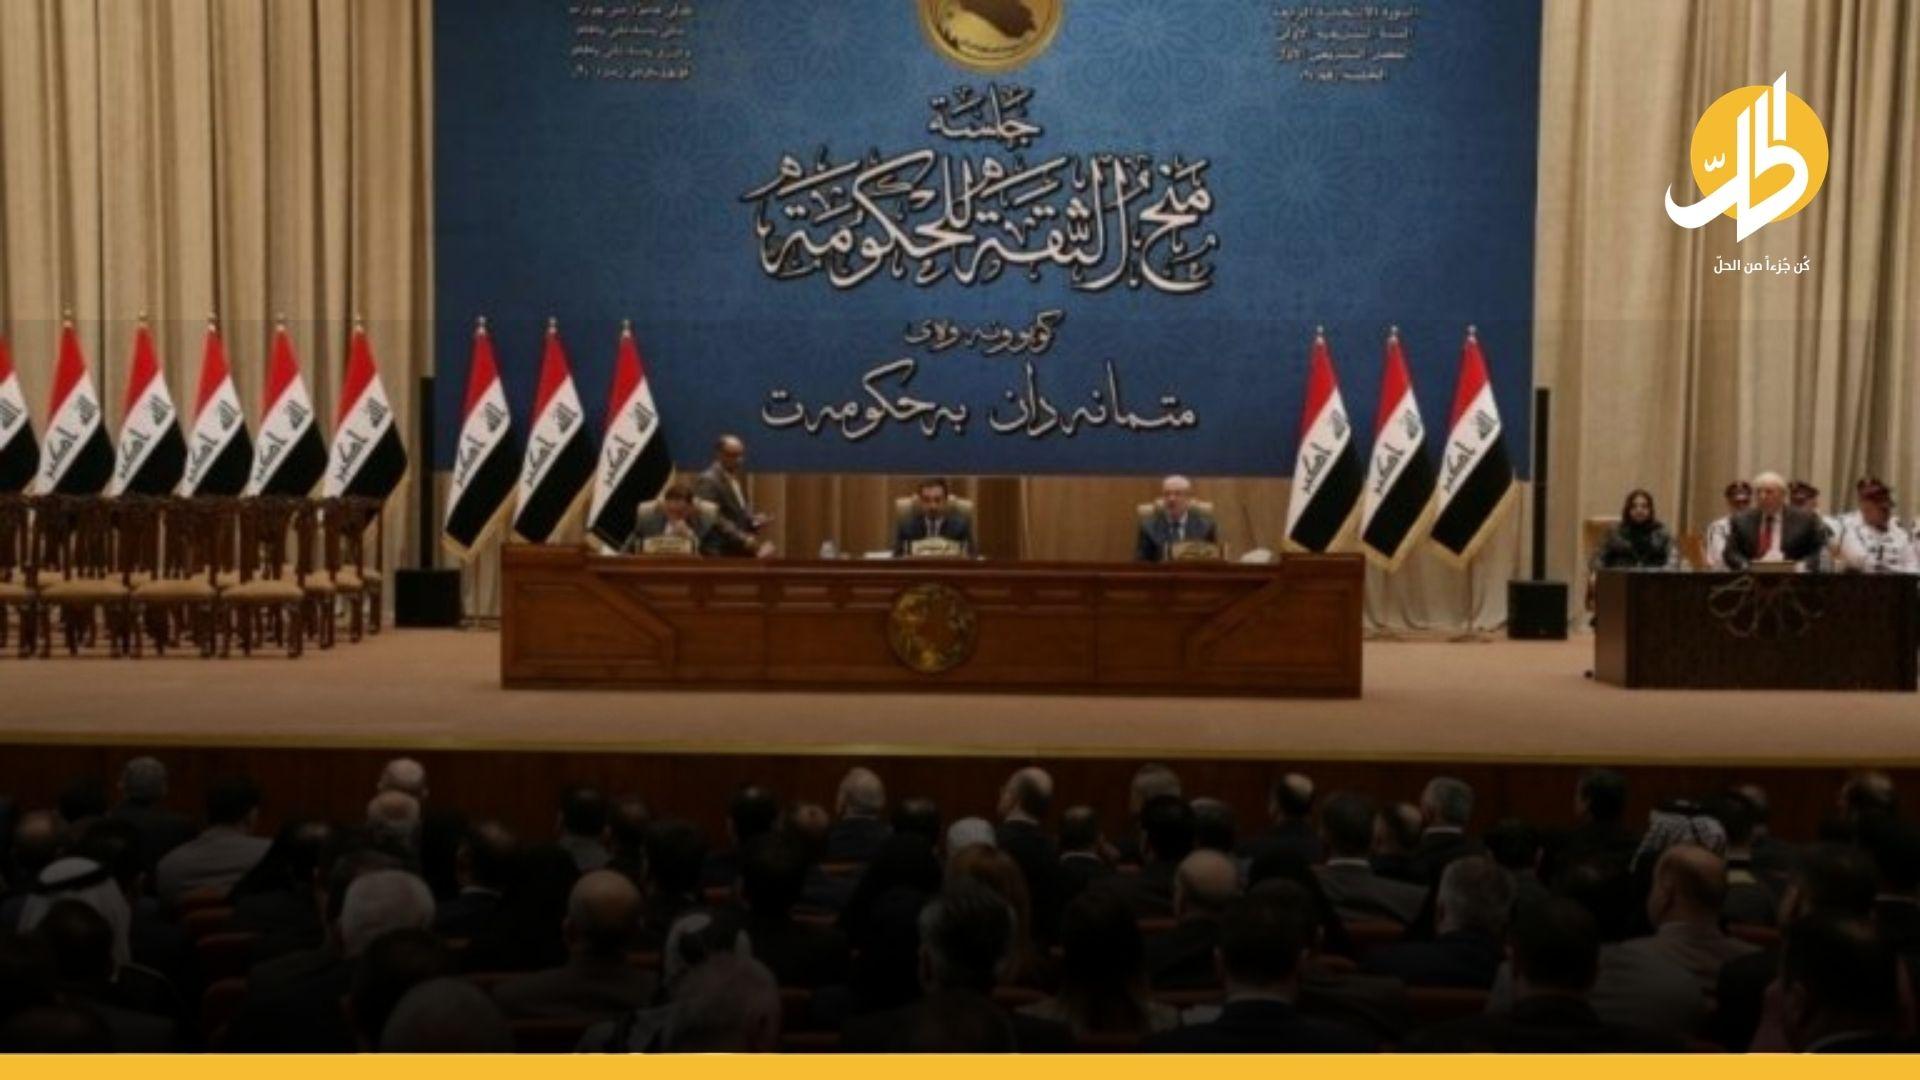 مرّة أخرى.. البرلمان العراقي يؤجّل التصويت على الموازنة المالية!